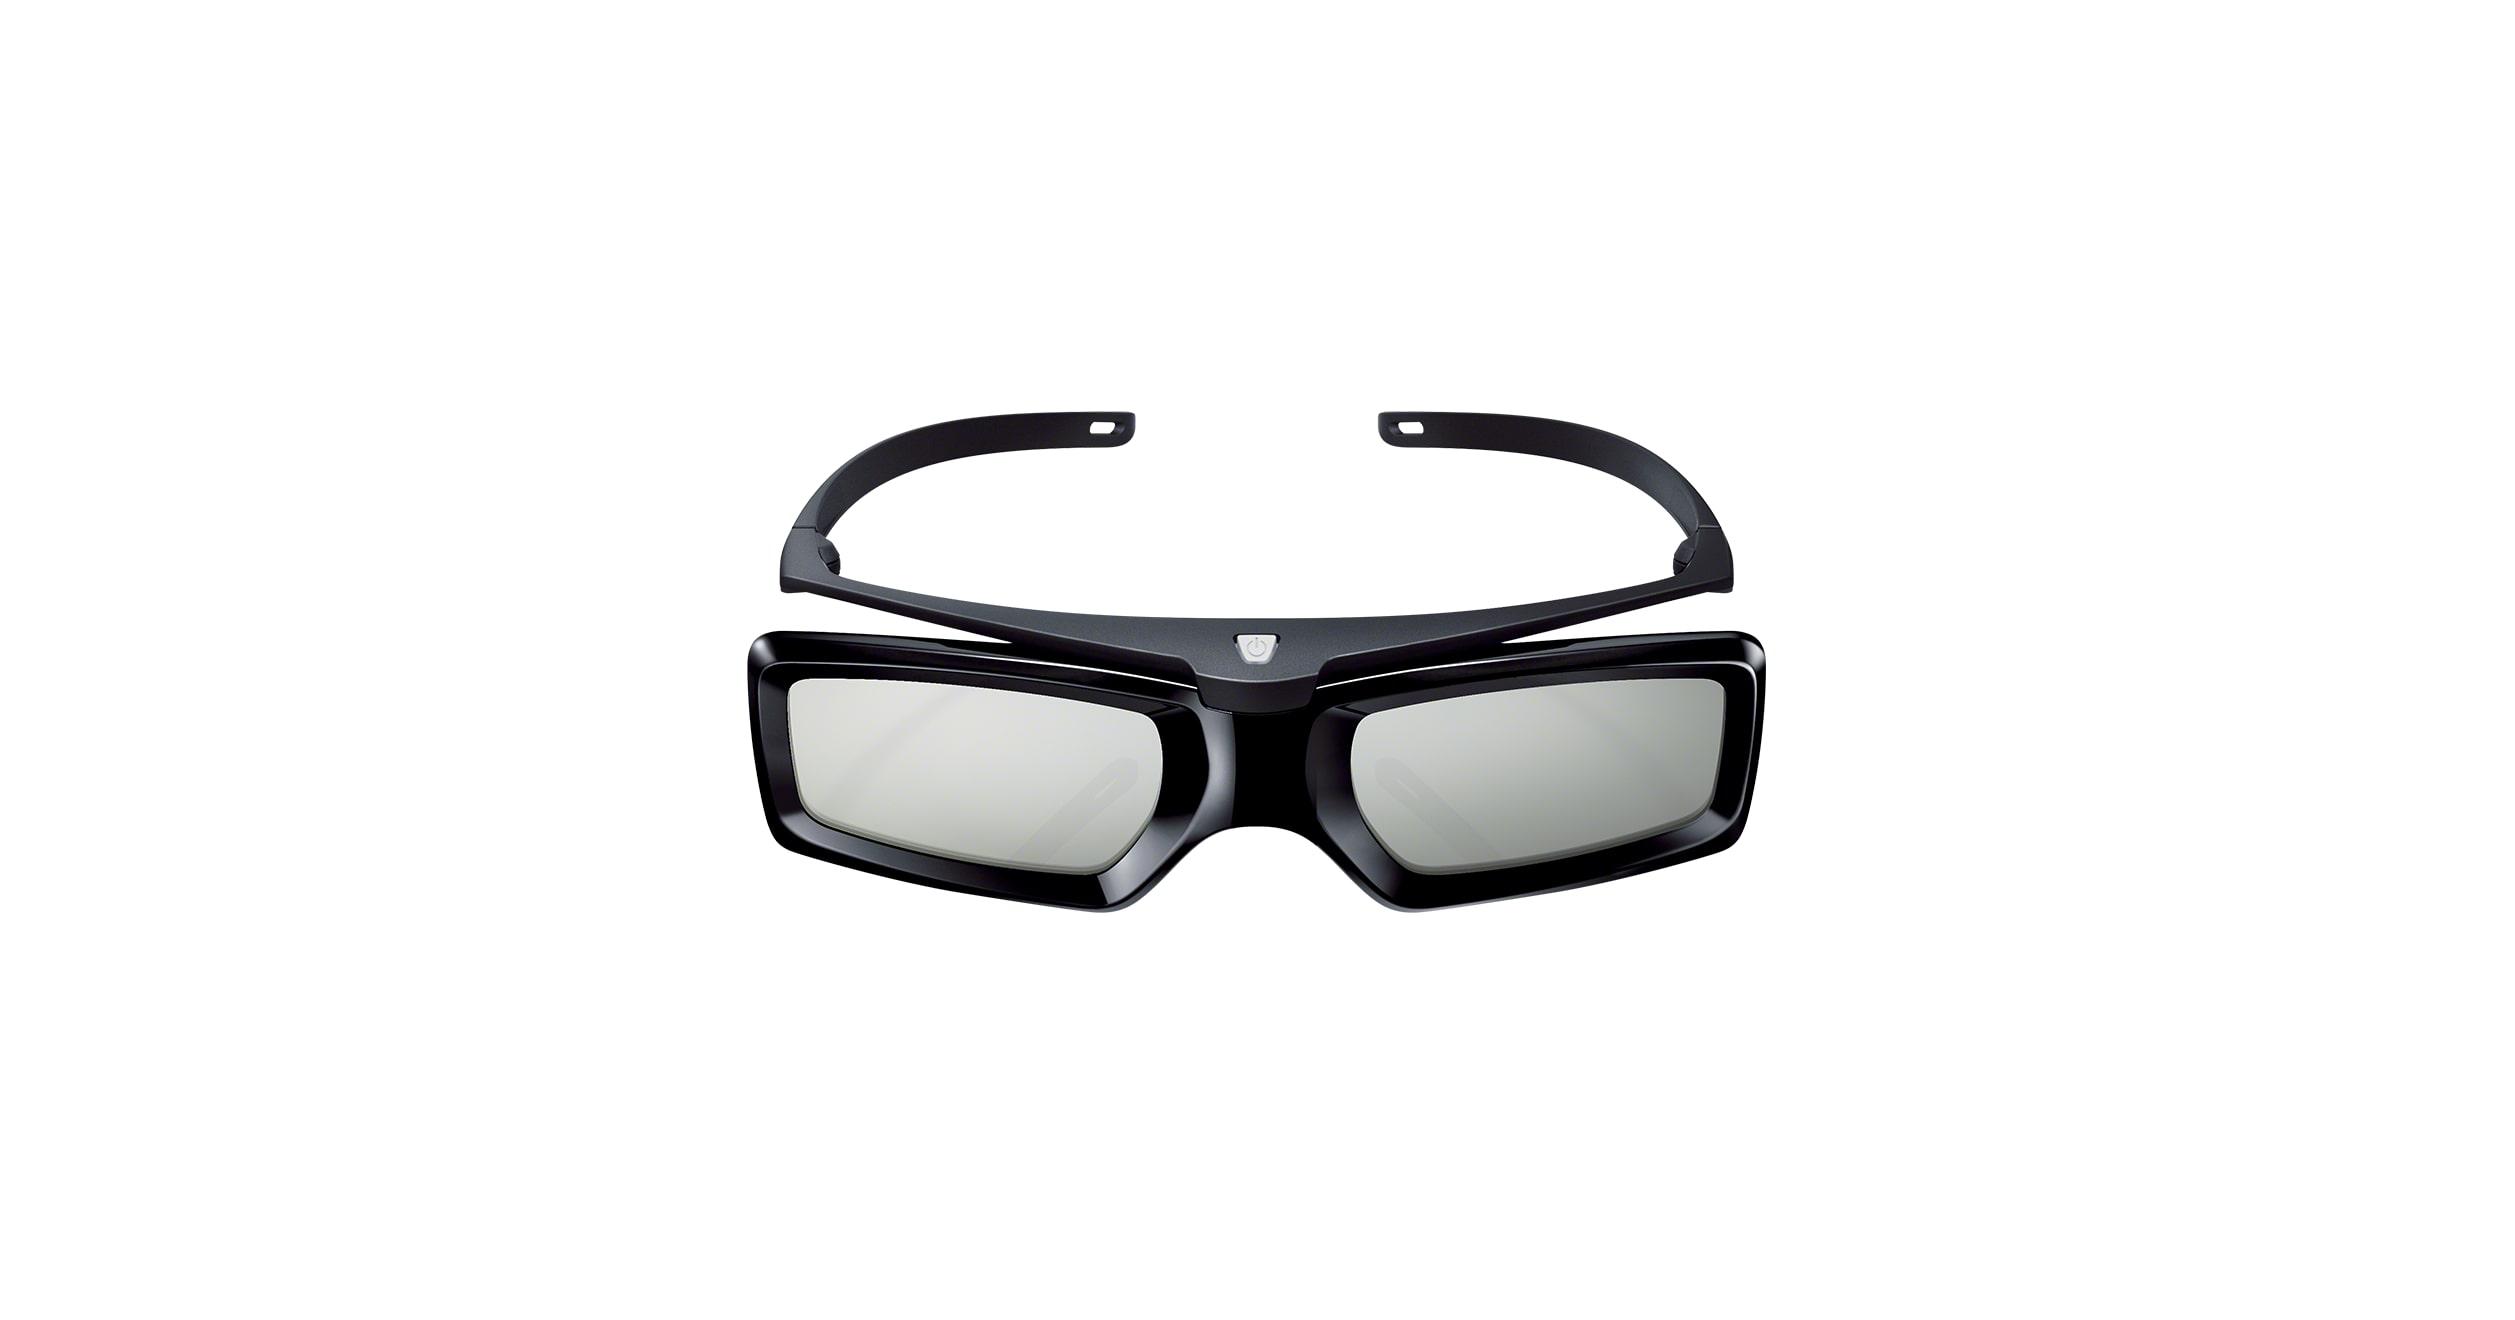 4cec3b0f5fc0d1 TDG-BT500A Active 3D Glasses